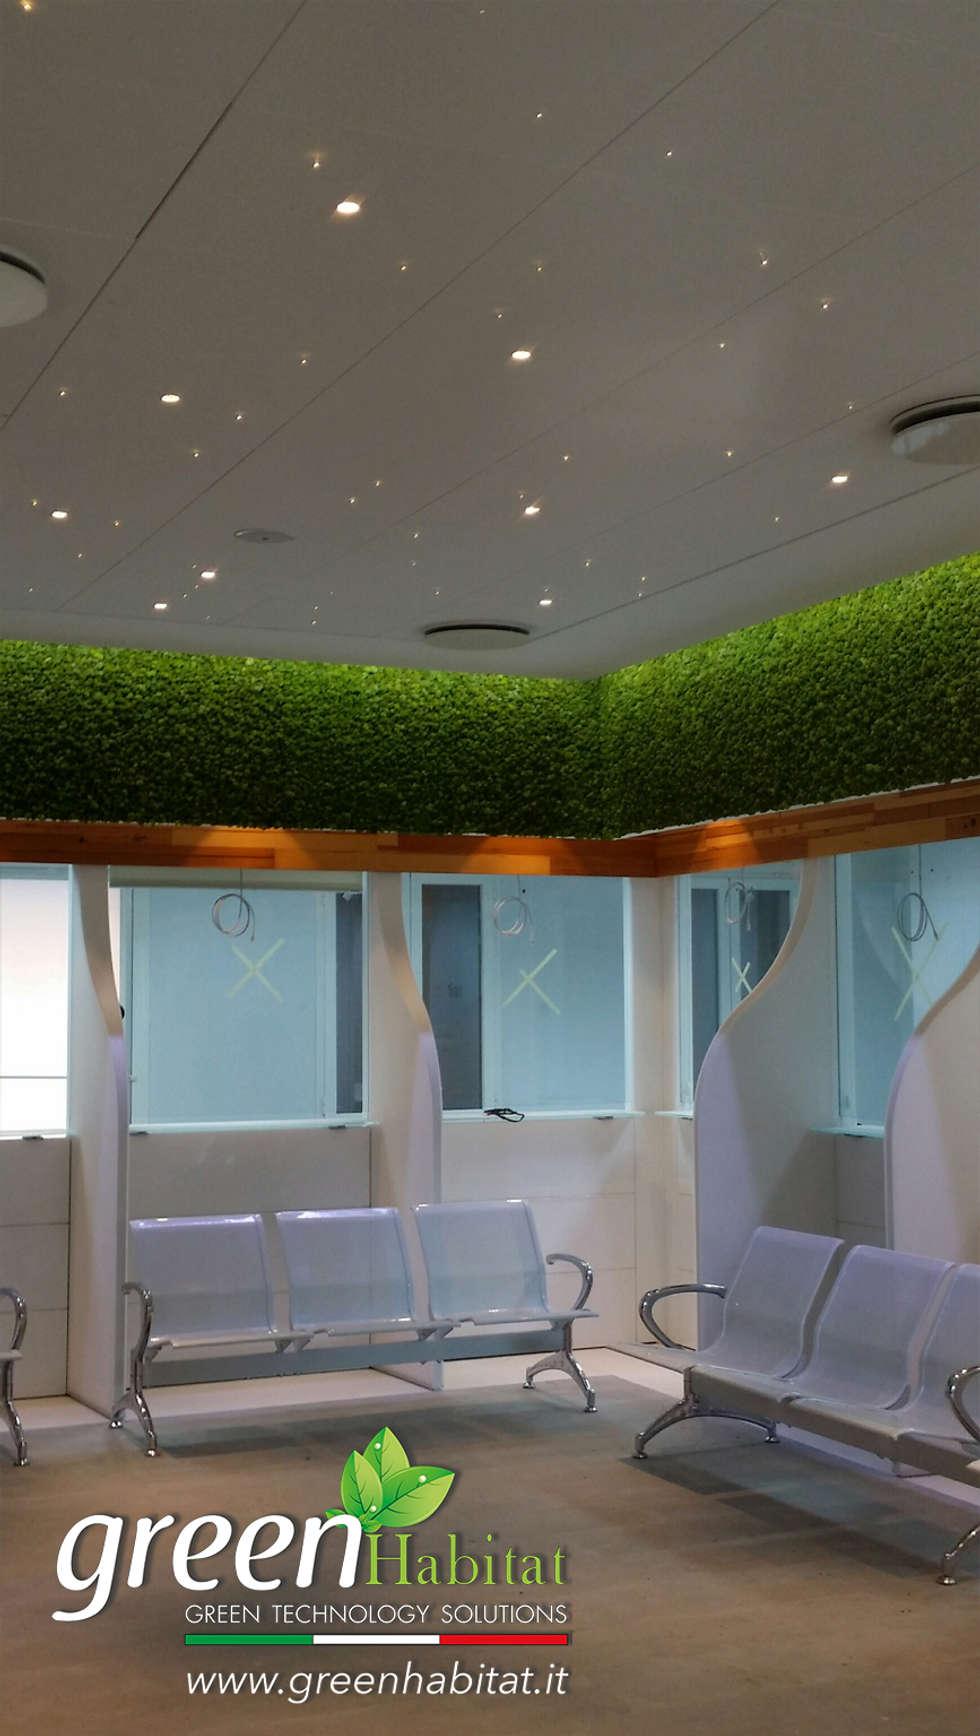 GIARDINO VERTICALE SALA D'ATTESA: Ingresso & Corridoio in stile  di Green Habitat s.r.l.